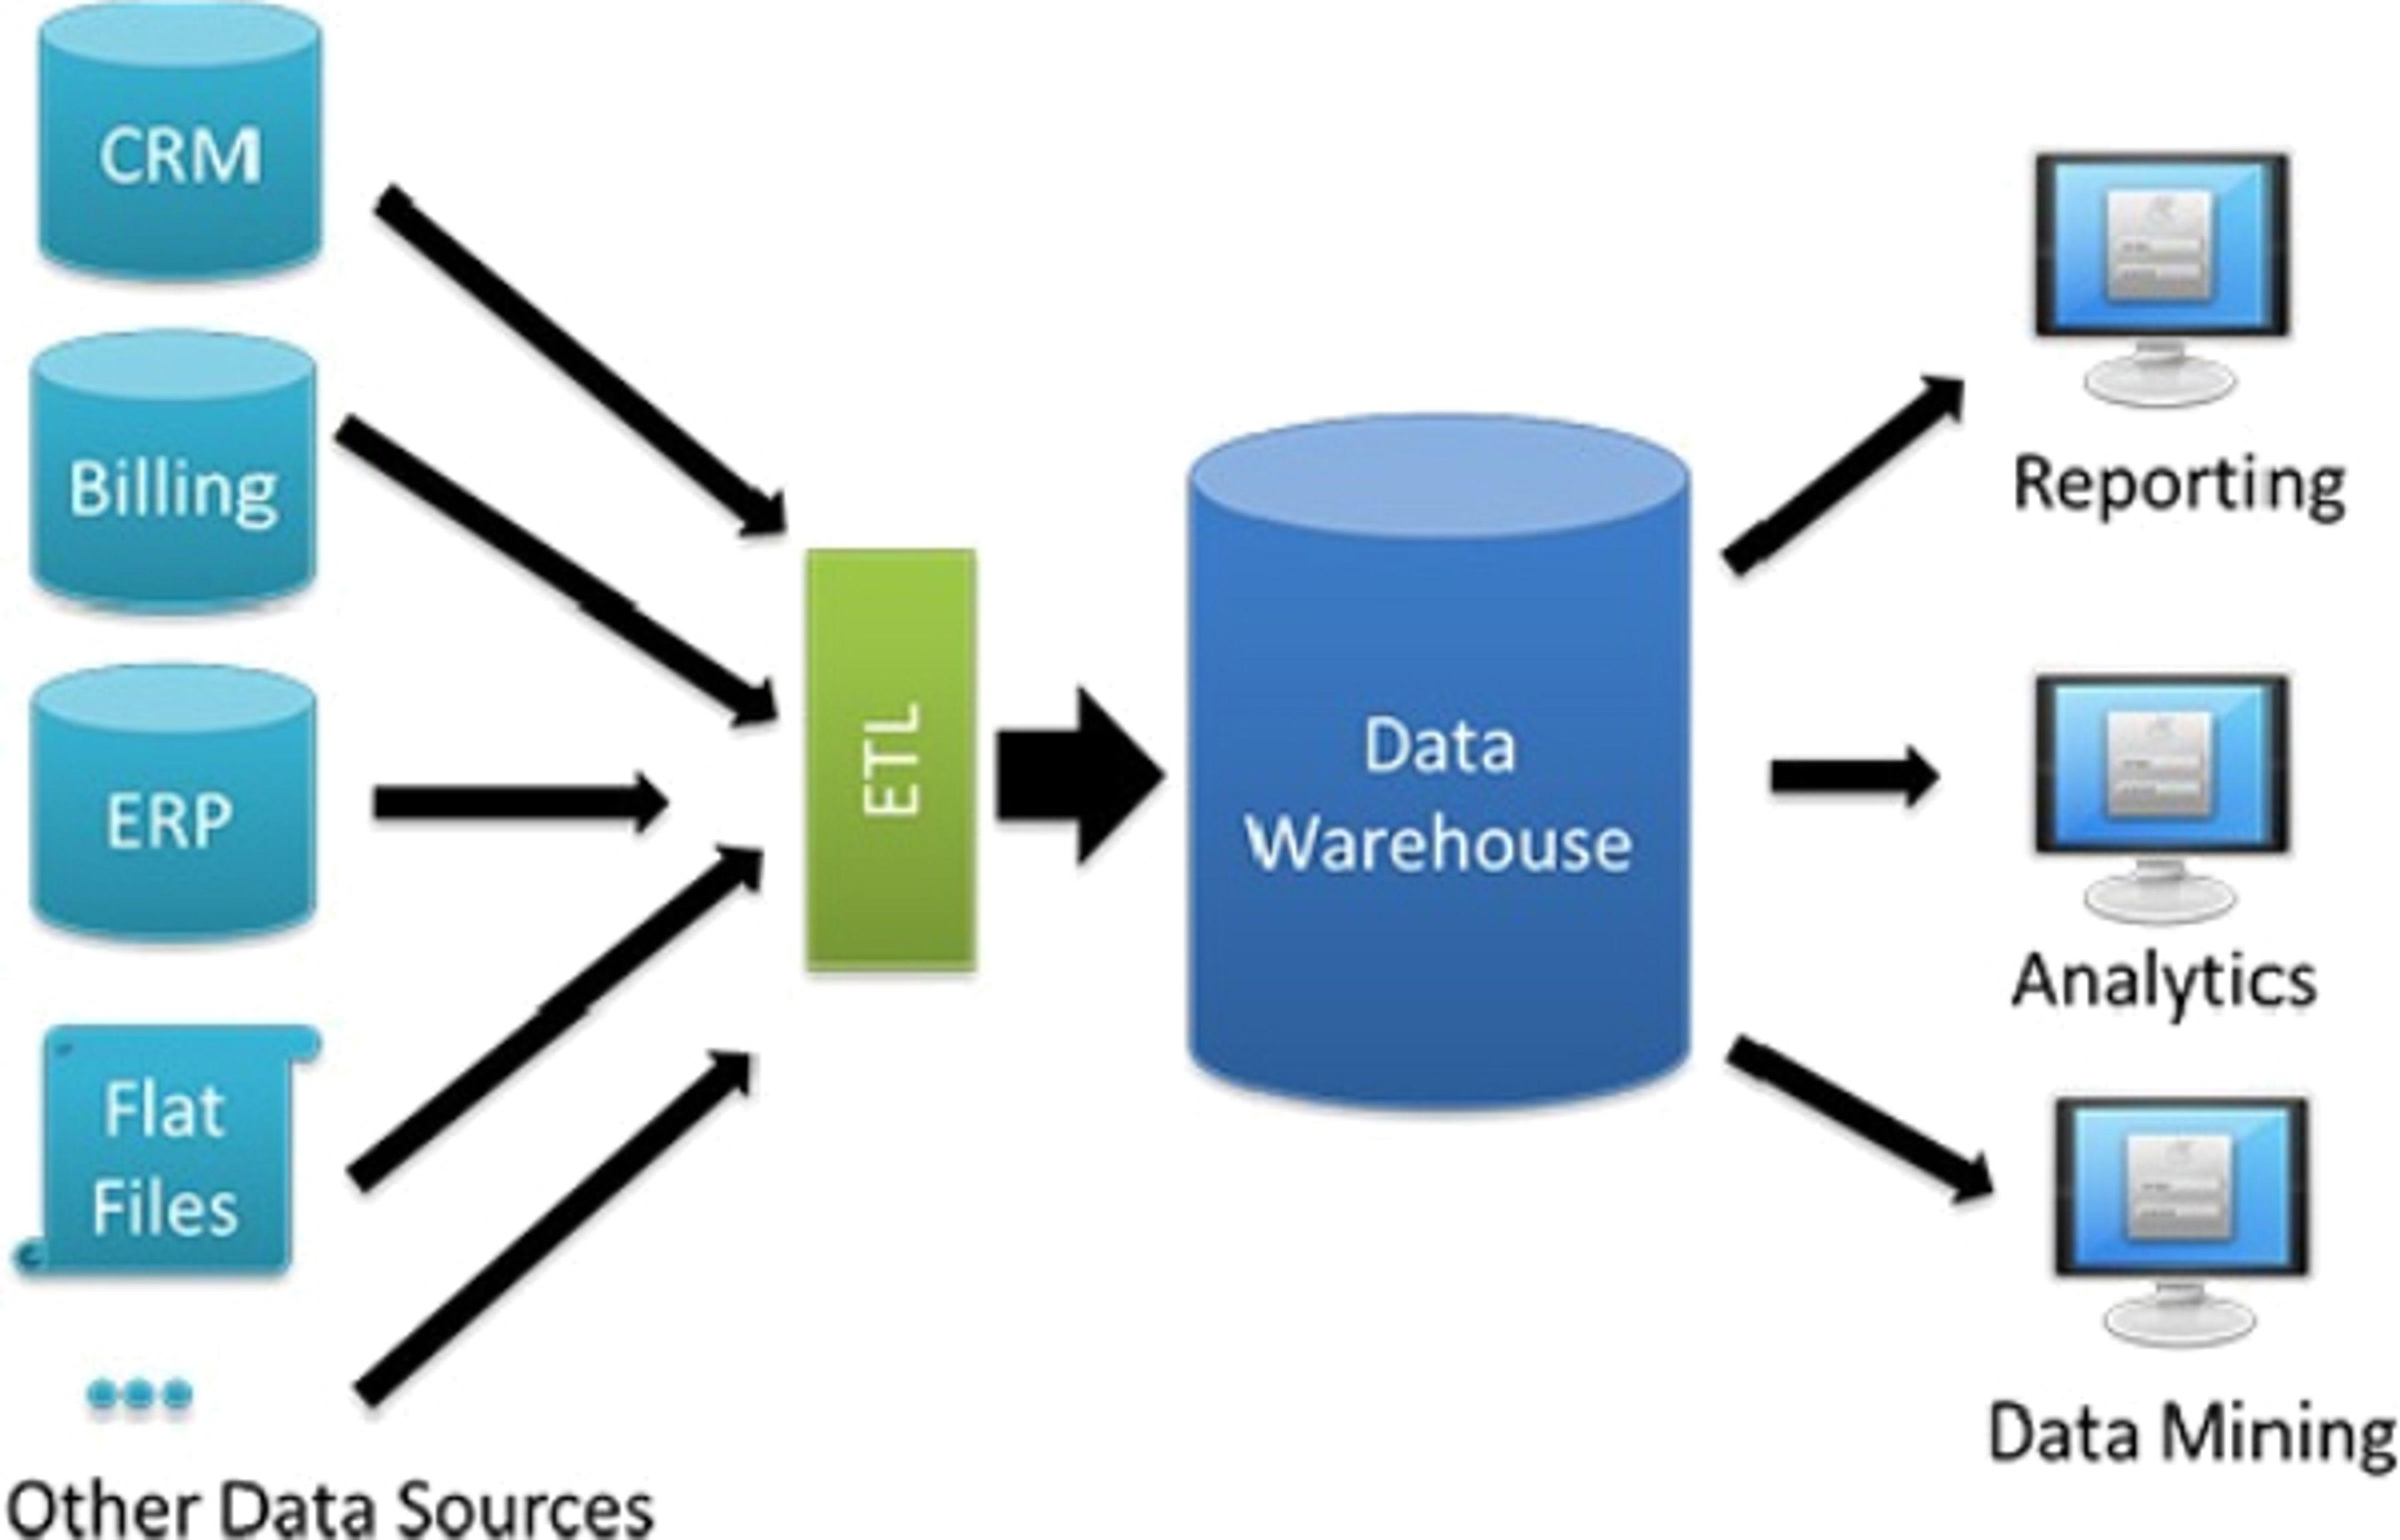 Un Data Warehouse va recueillir l'ensemble des données de l'entreprise après un traitement préalable par un ETL